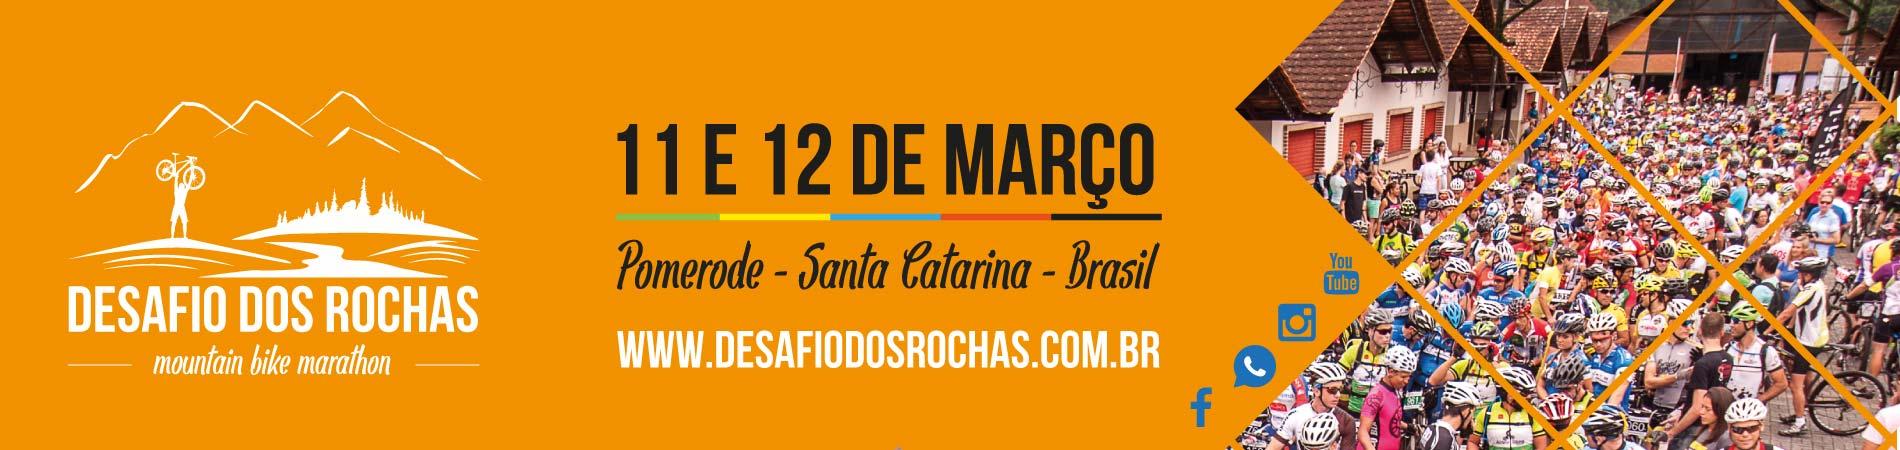 DESAFIO DOS ROCHAS - 2017 - Imagem de topo